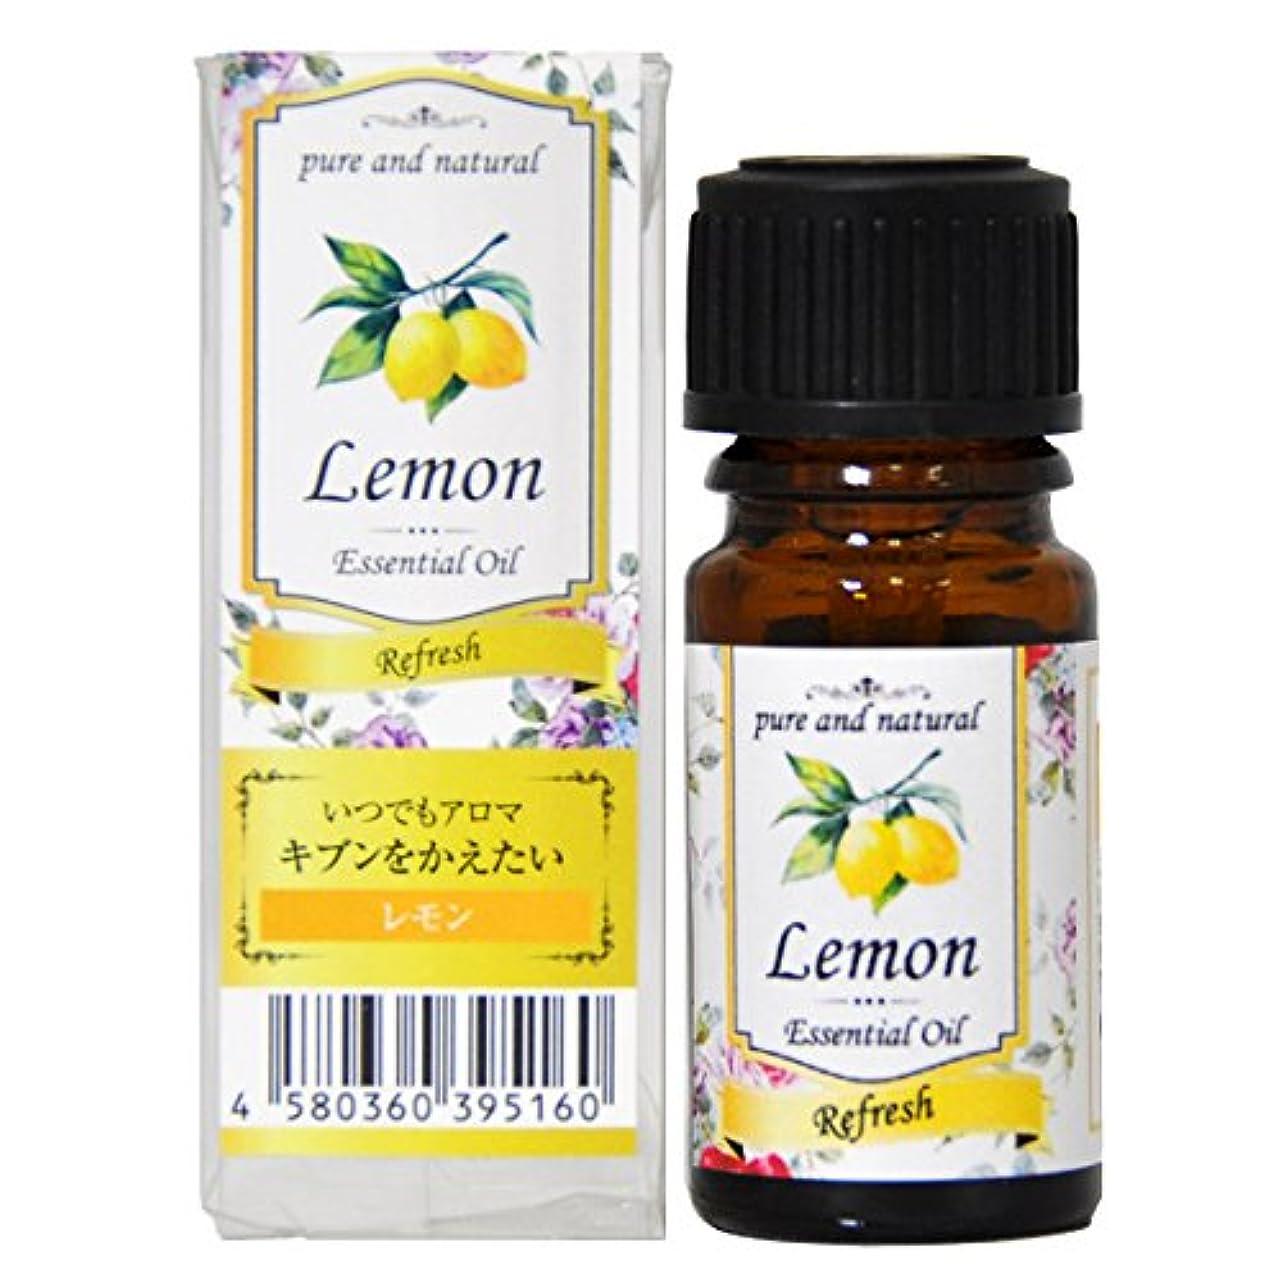 注入であること効果カリス成城 いつでもアロマ レモン 3ml